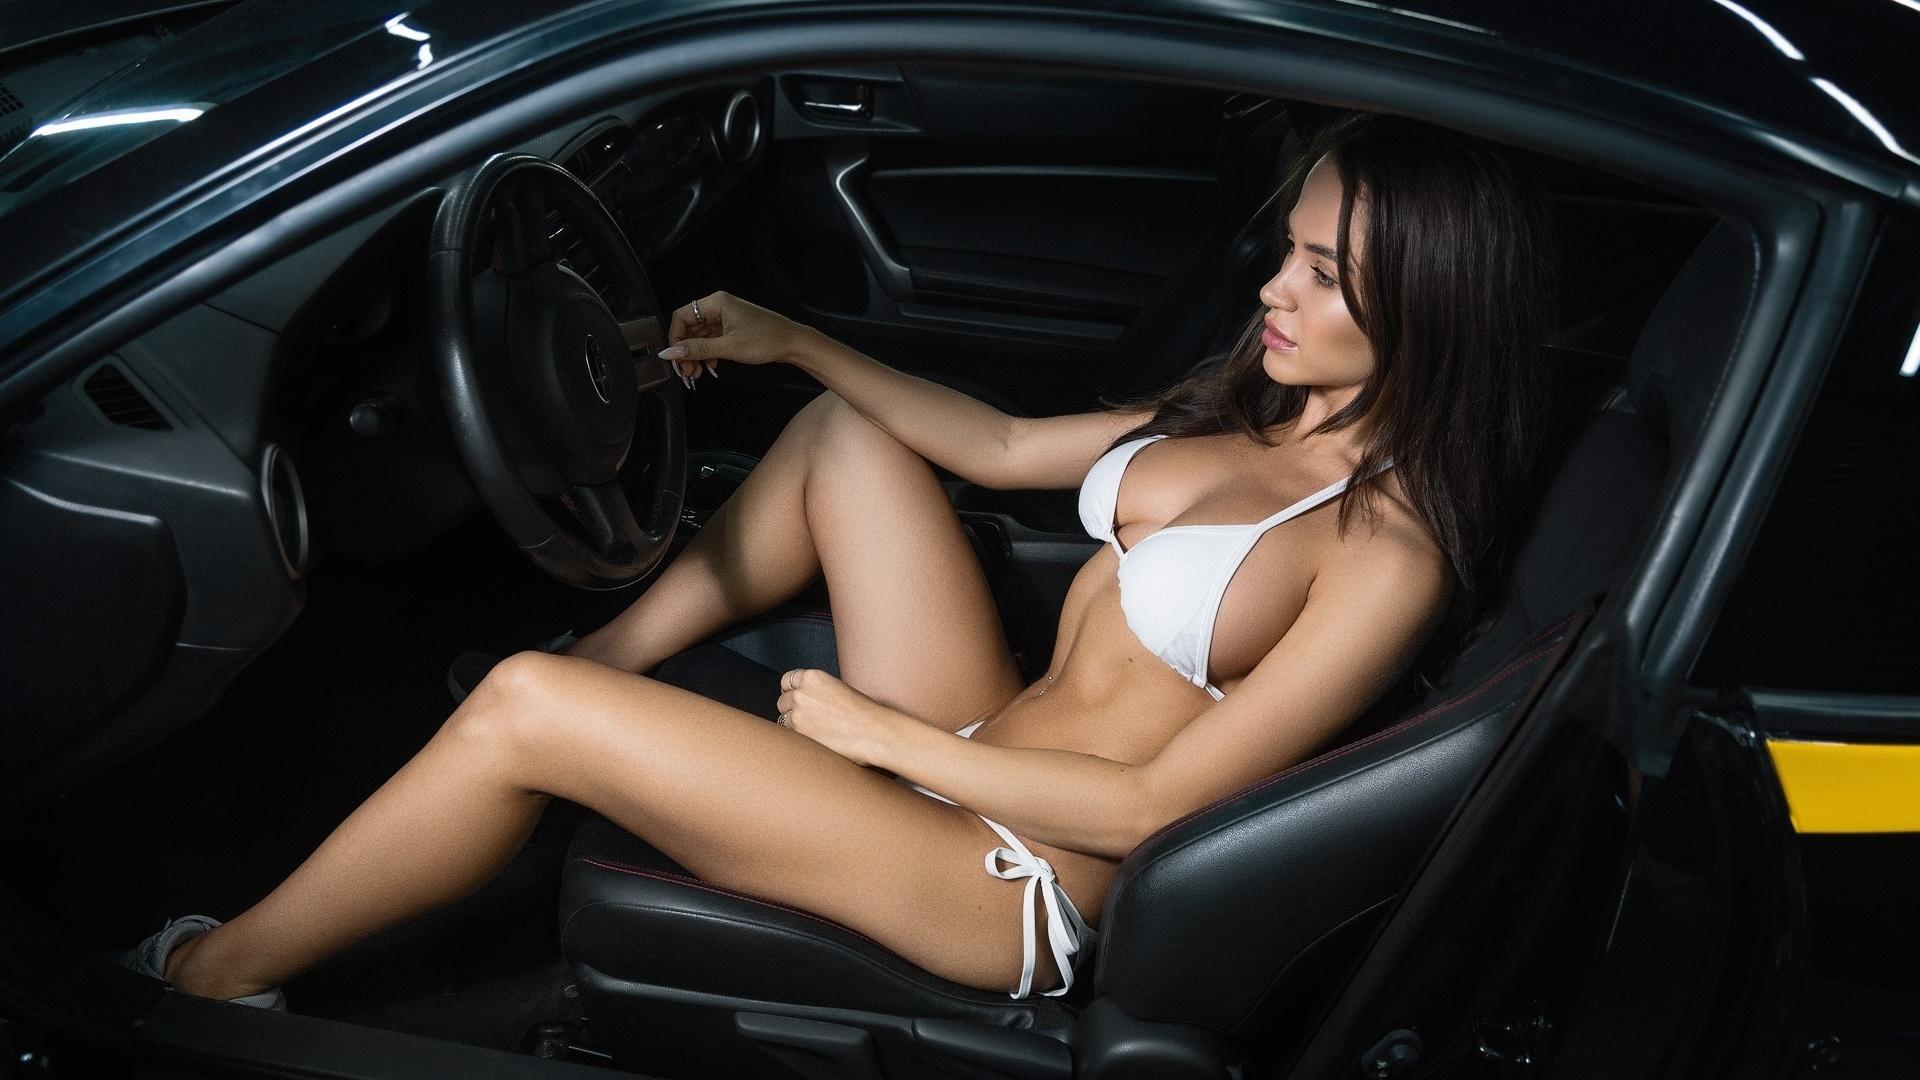 сексуальная брюнетка на шпильке за рулем автомобиля петрович проснулся